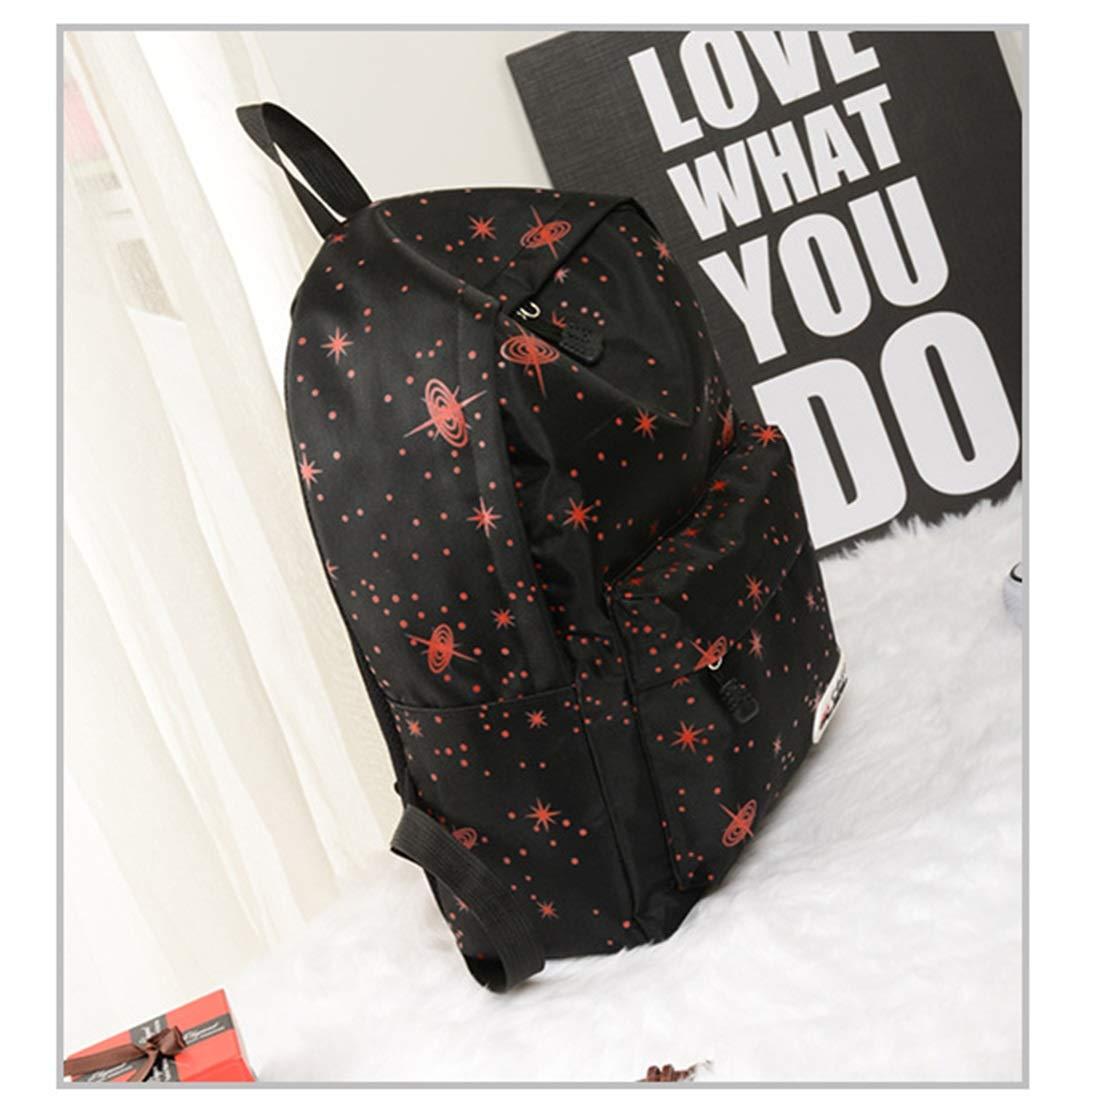 MAGAI Ladies Popularity Leichte große große große Kapazität Rucksack Kosmos Weltraum Star Bag Commuter School (Farbe   rot) B07KXQ4B95 Umhngetaschen Neue Produkte im Jahr 2018 38e7af